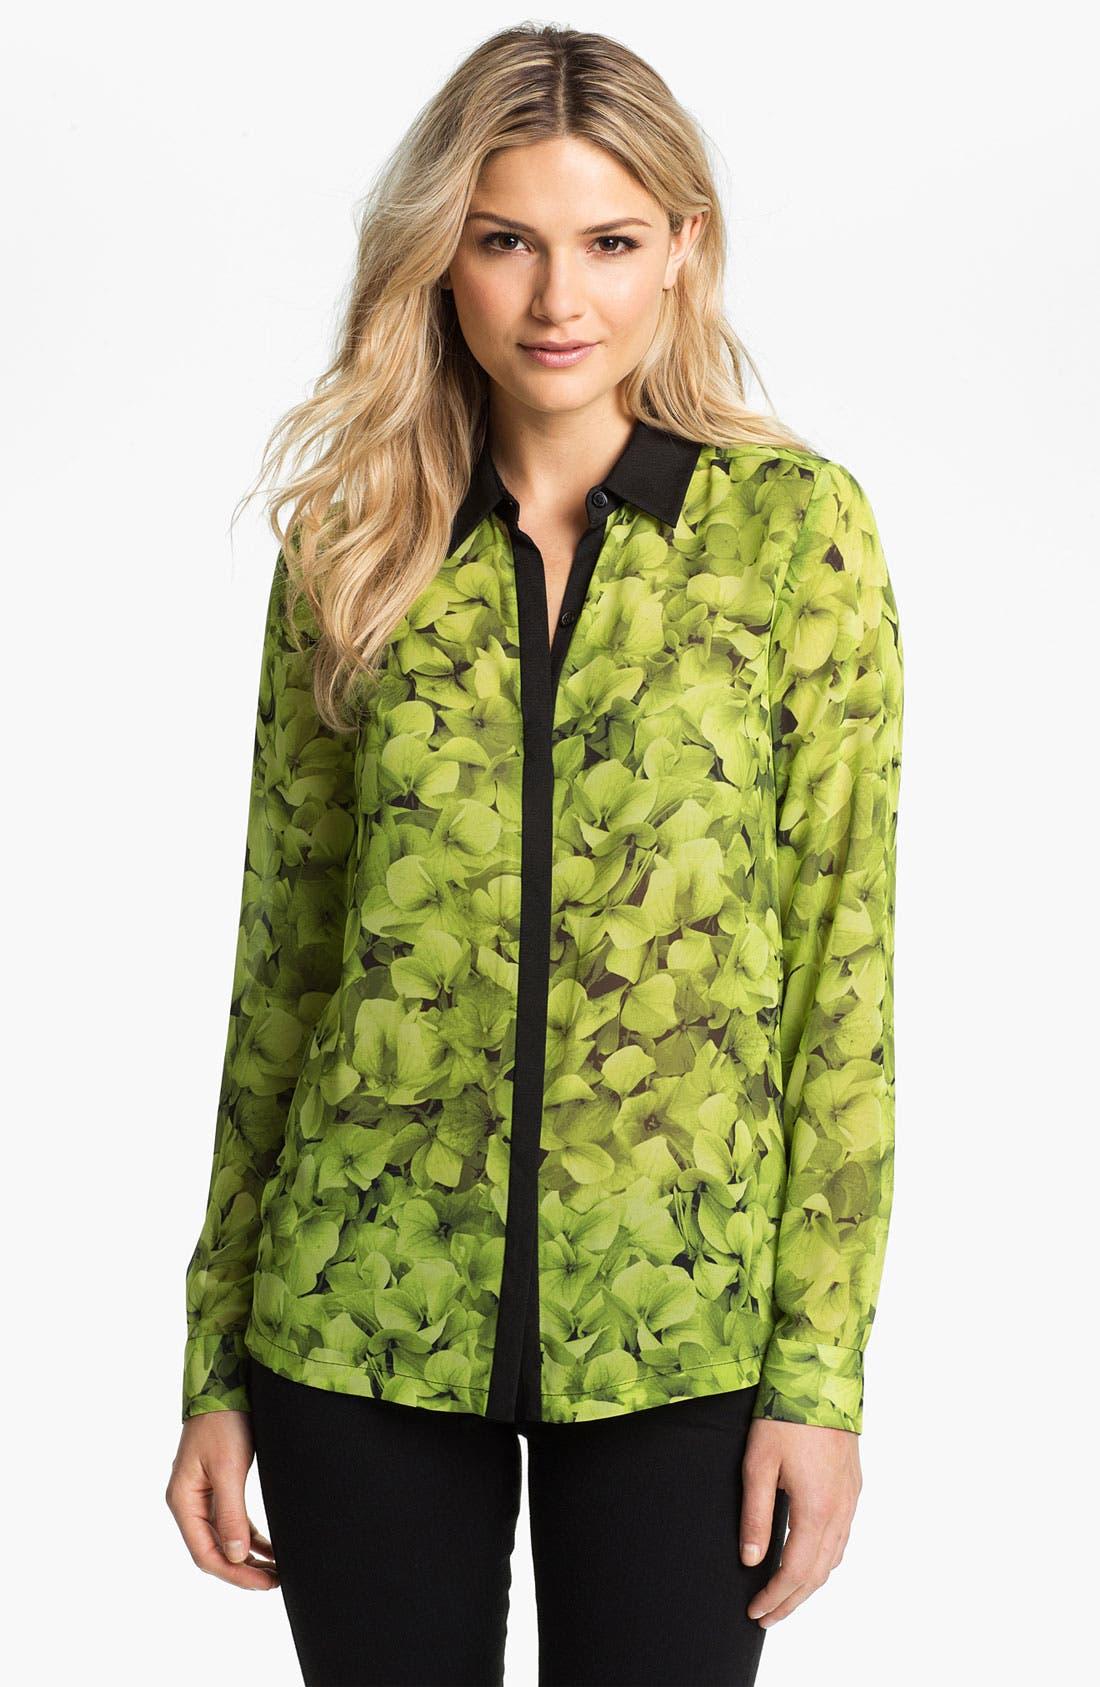 Alternate Image 1 Selected - MICHAEL Michael Kors Sheer Floral Print Blouse